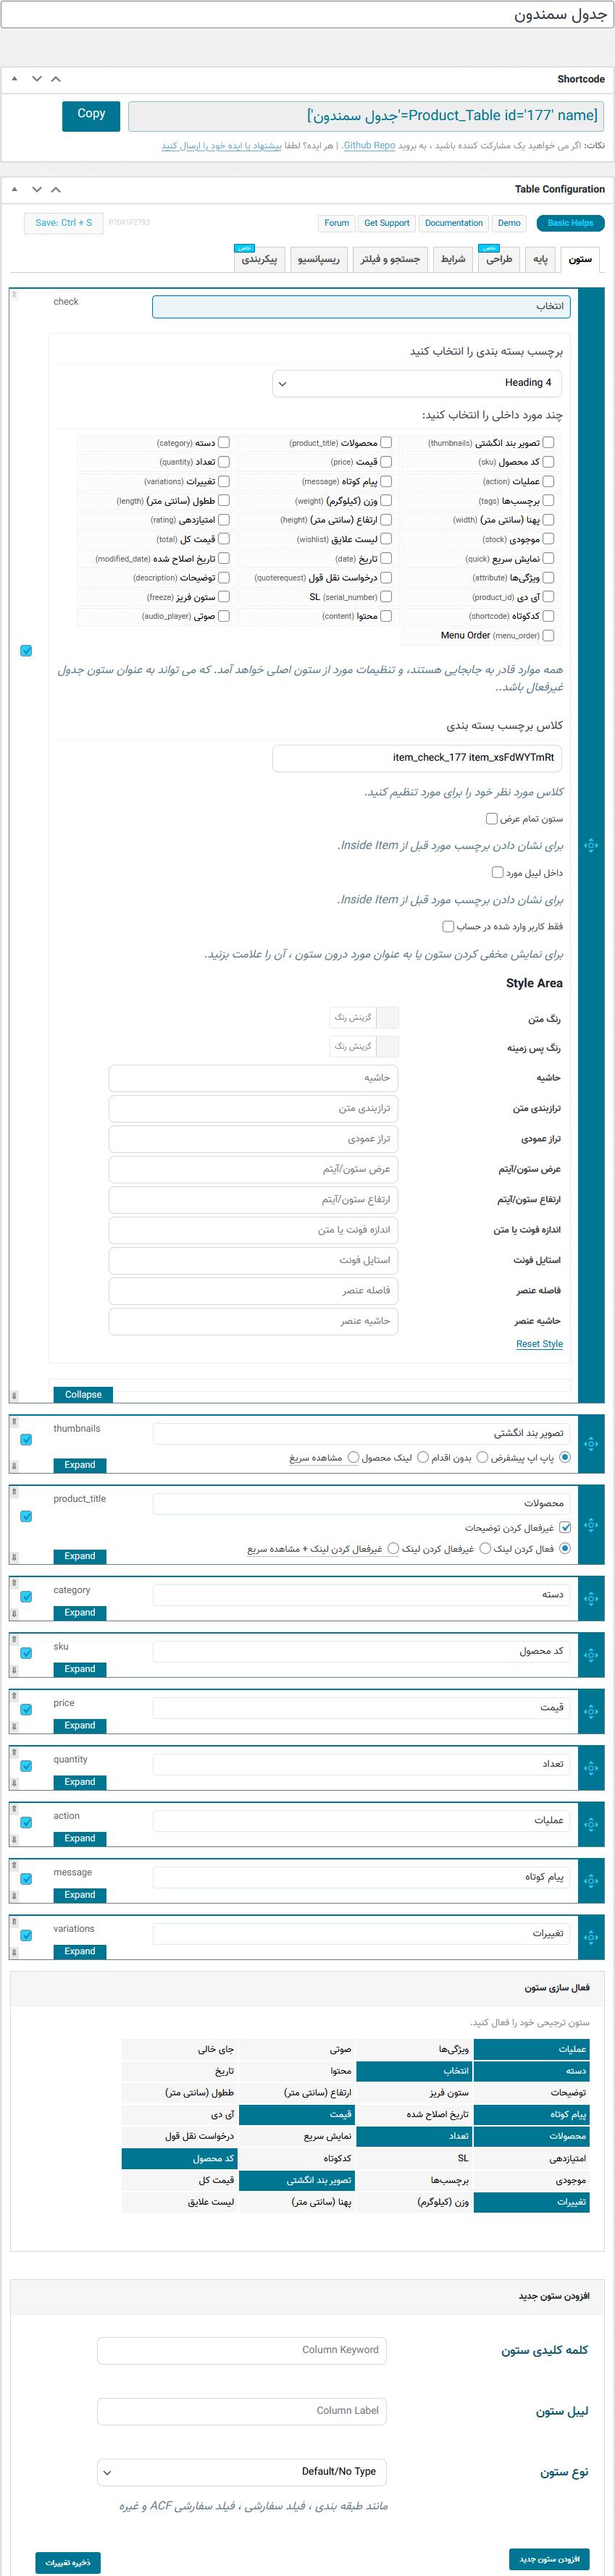 تنظیمات ستون در ساخت جدول با افزونه Woo Product Table Pro